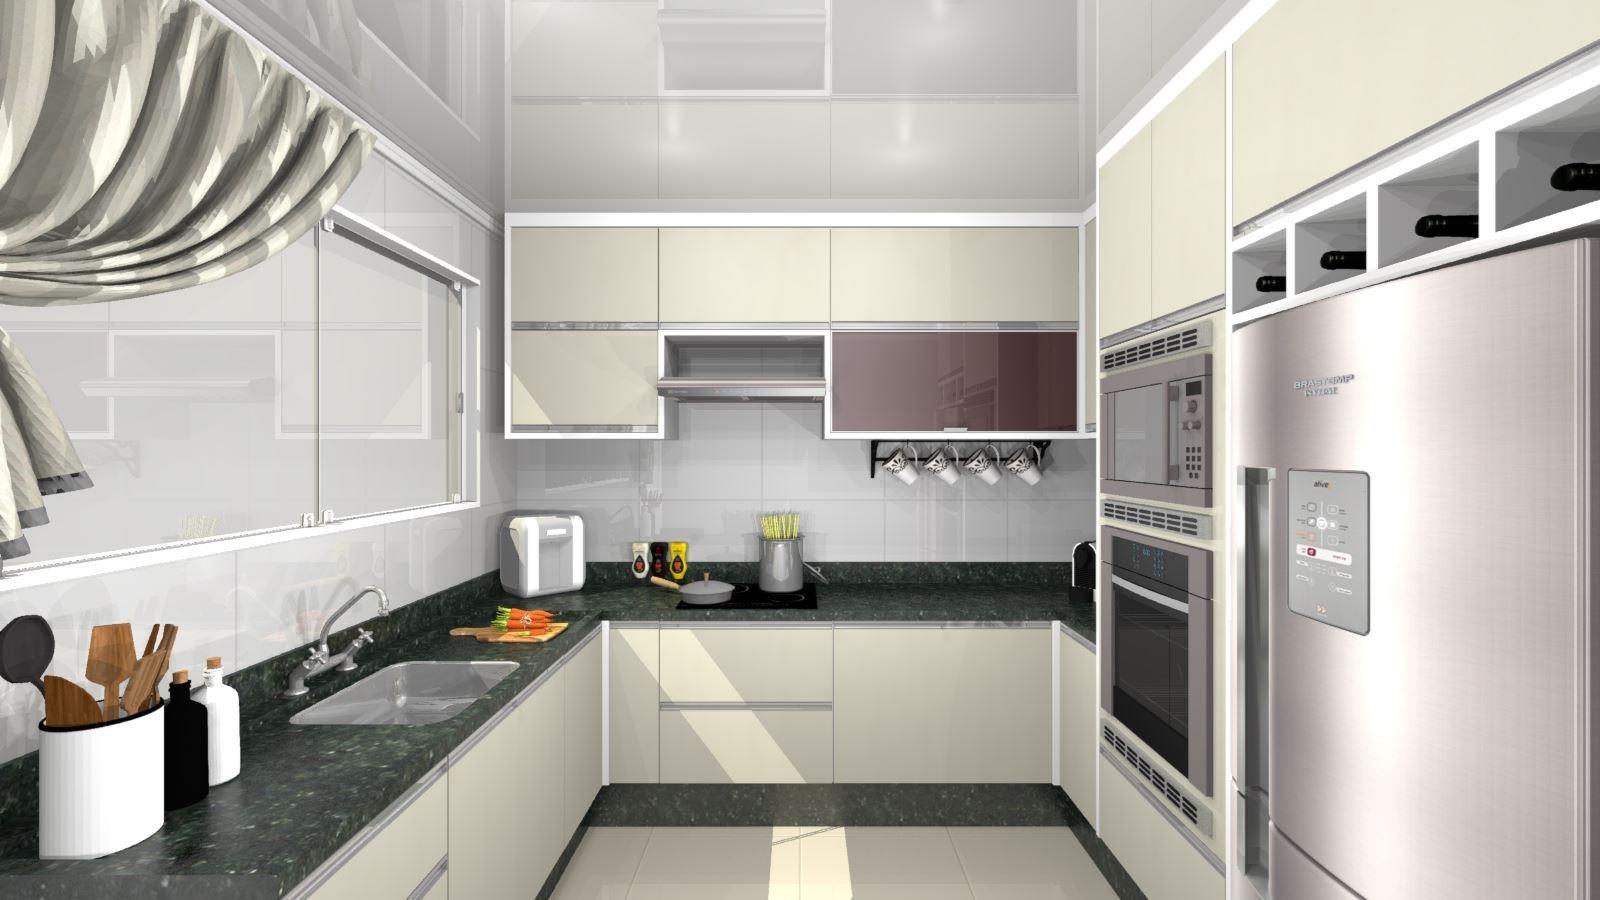 Cozinha Planejada Projeto -Visão superior Frontal